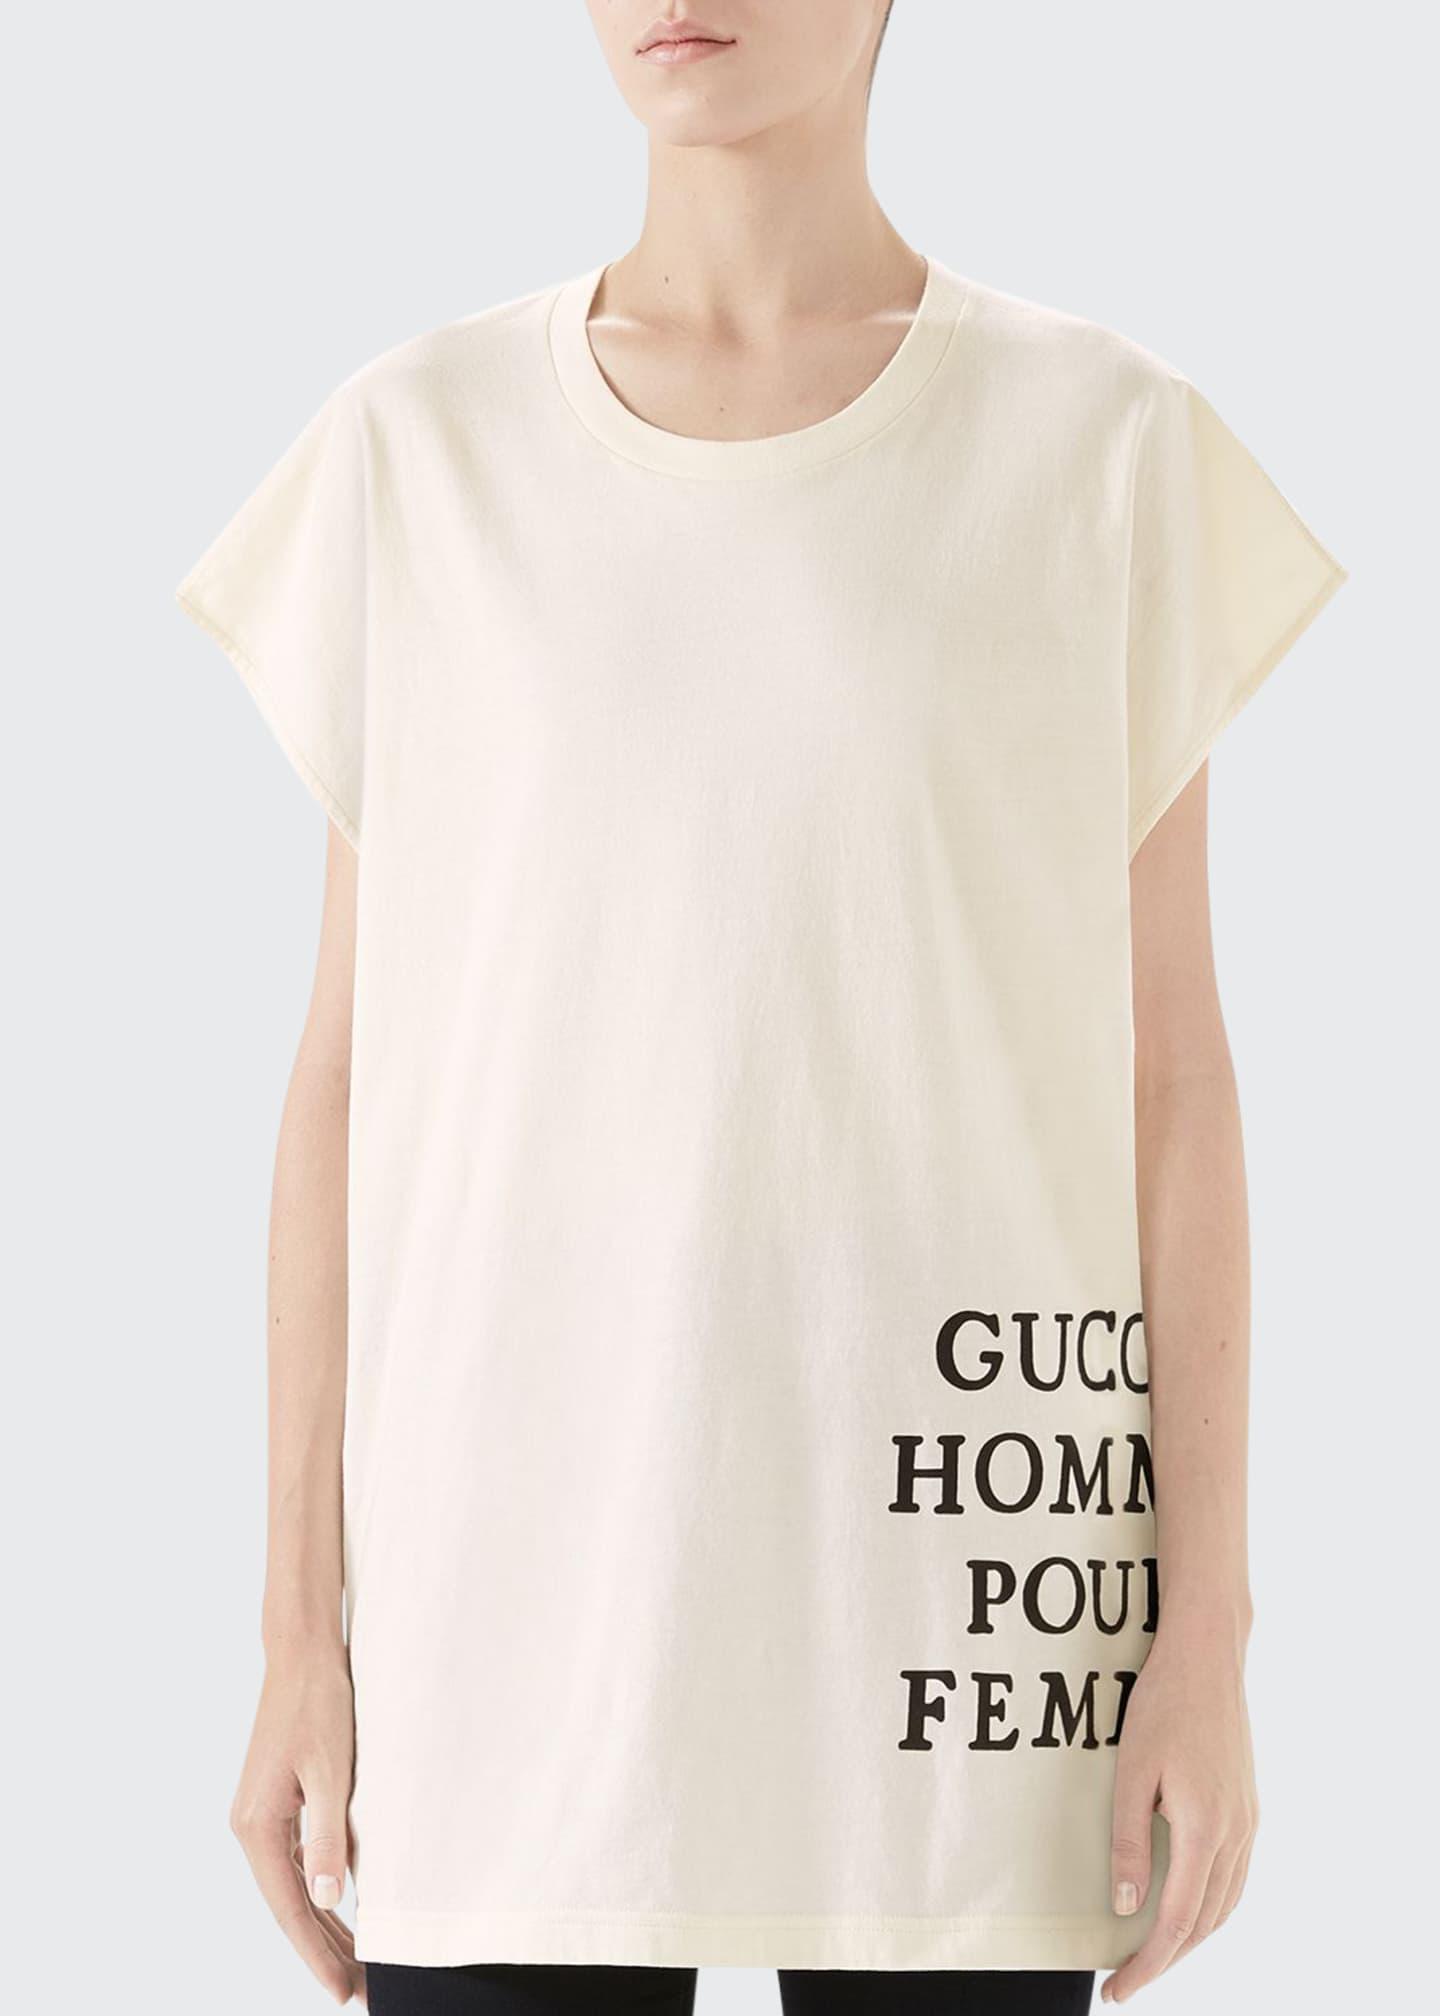 Gucci Homme pour Femme T-Shirt